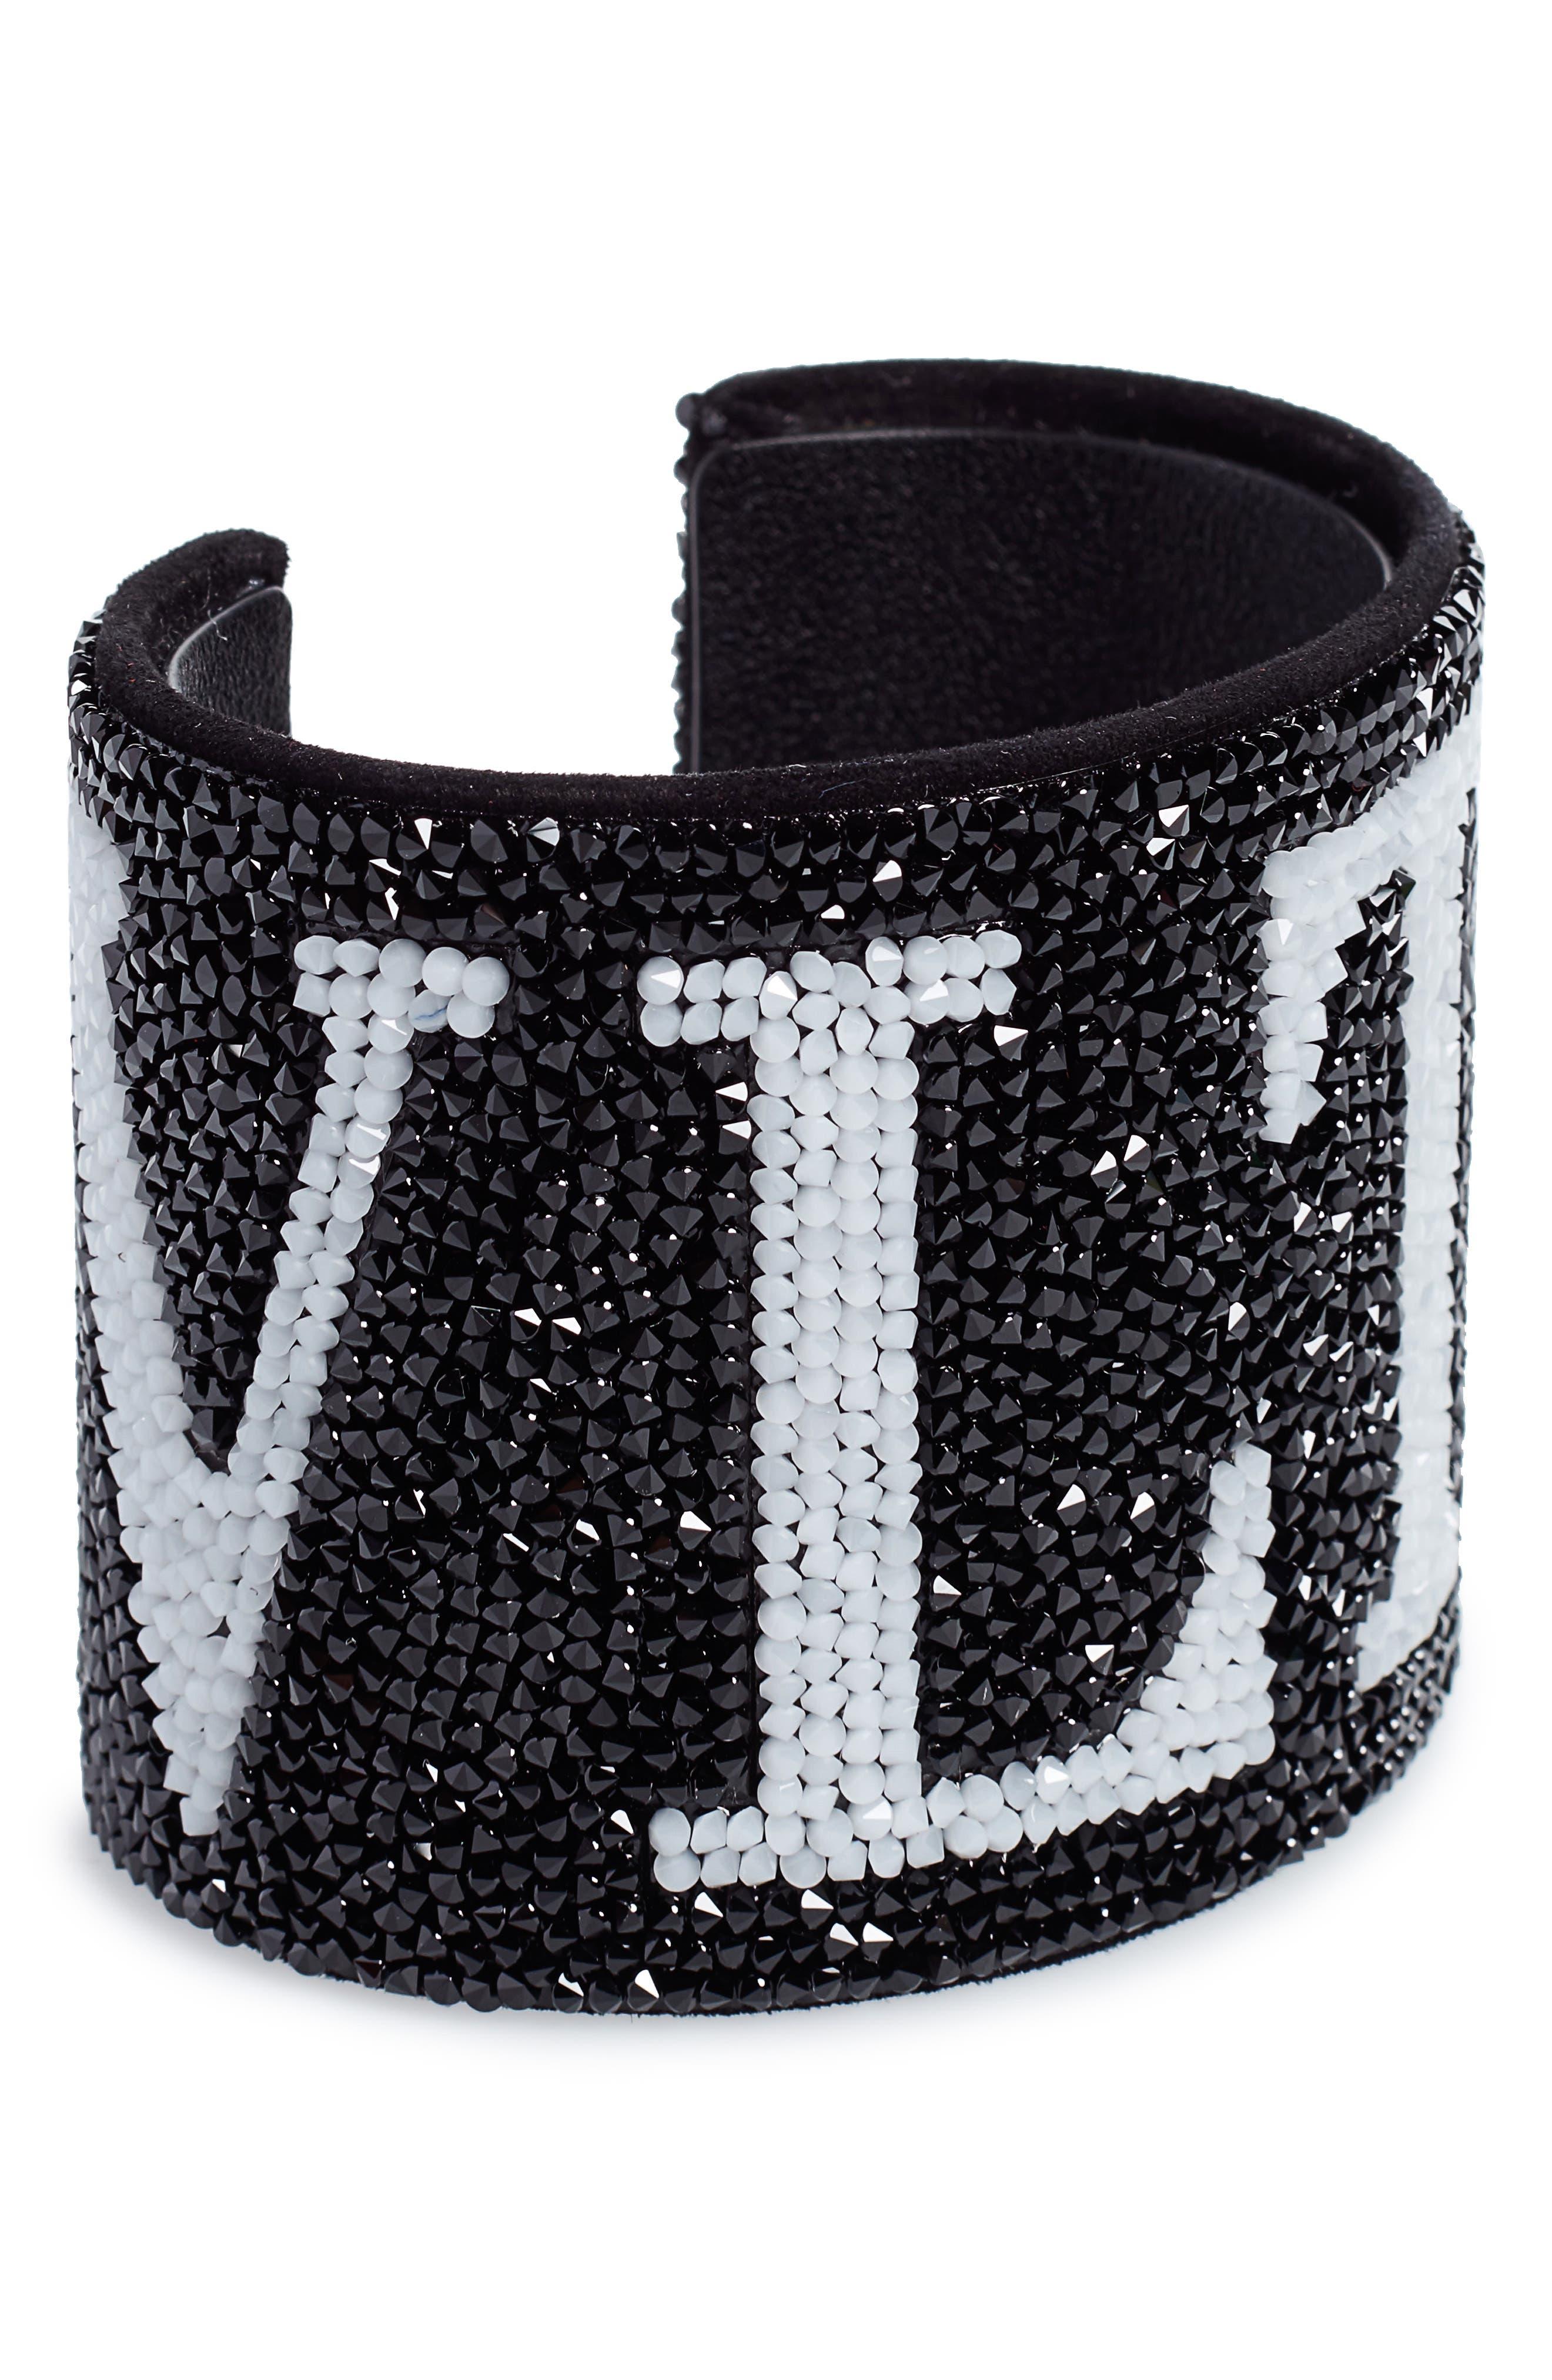 VLTN Cuff Bracelet,                             Main thumbnail 1, color,                             NERO